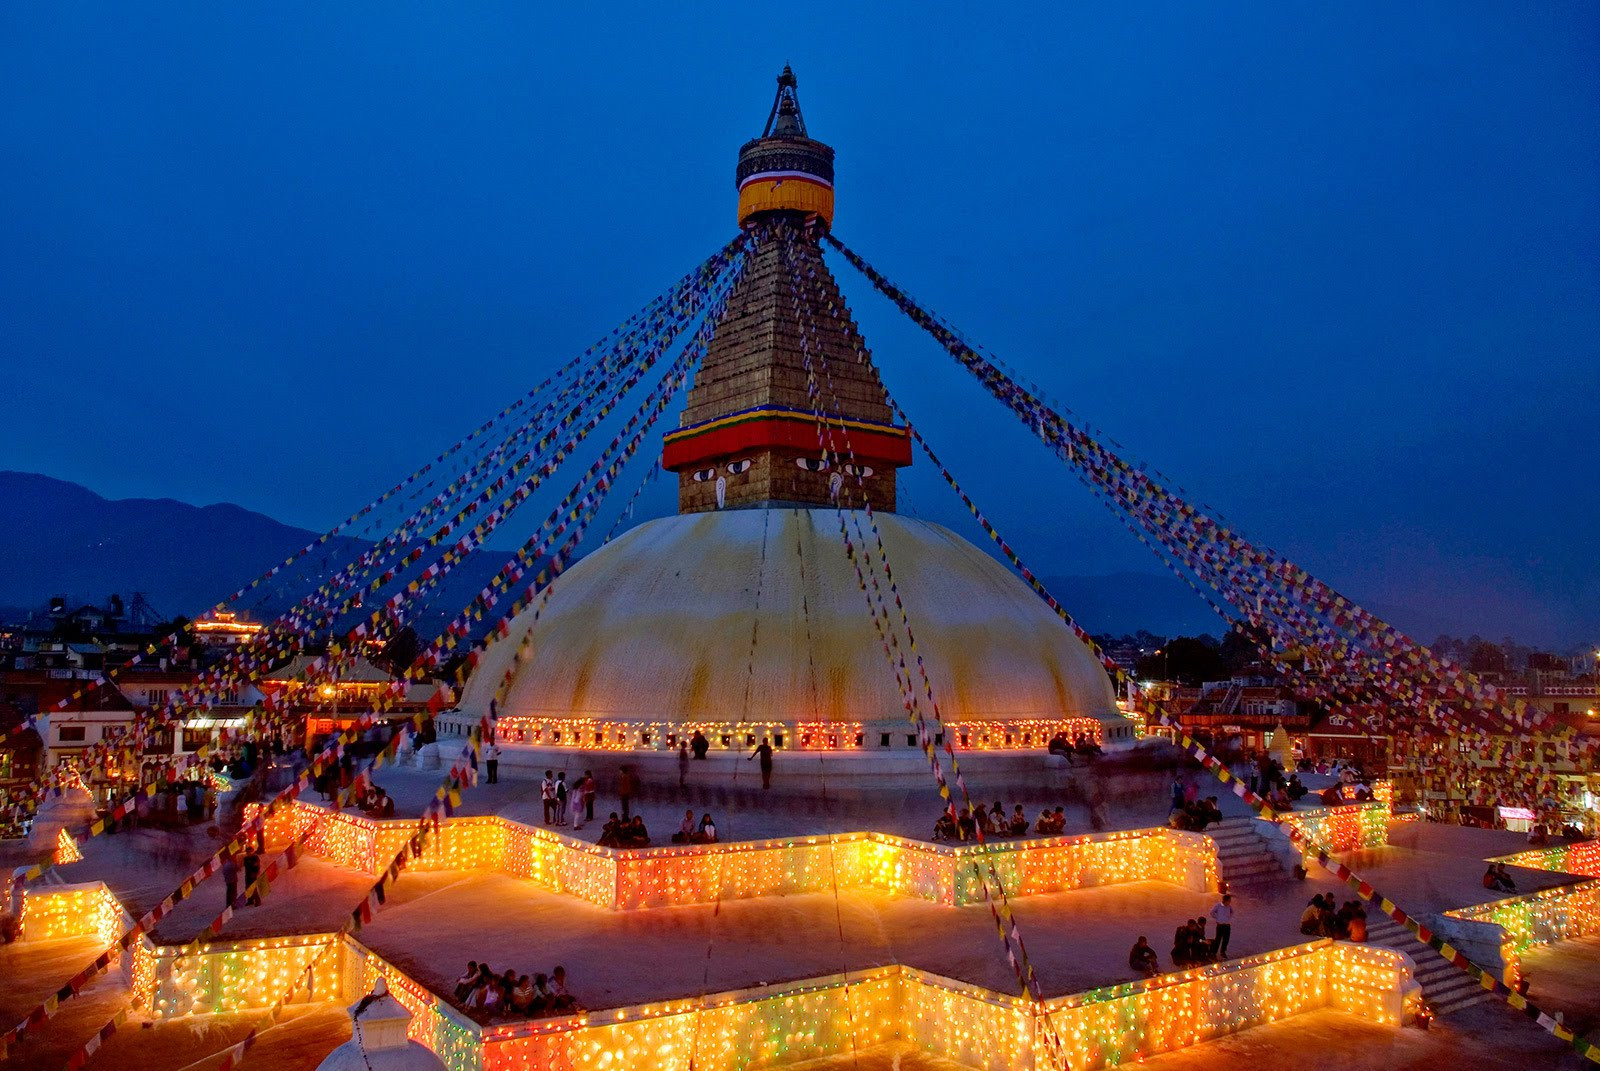 Boudhaat Stupa in Kathamandu valley